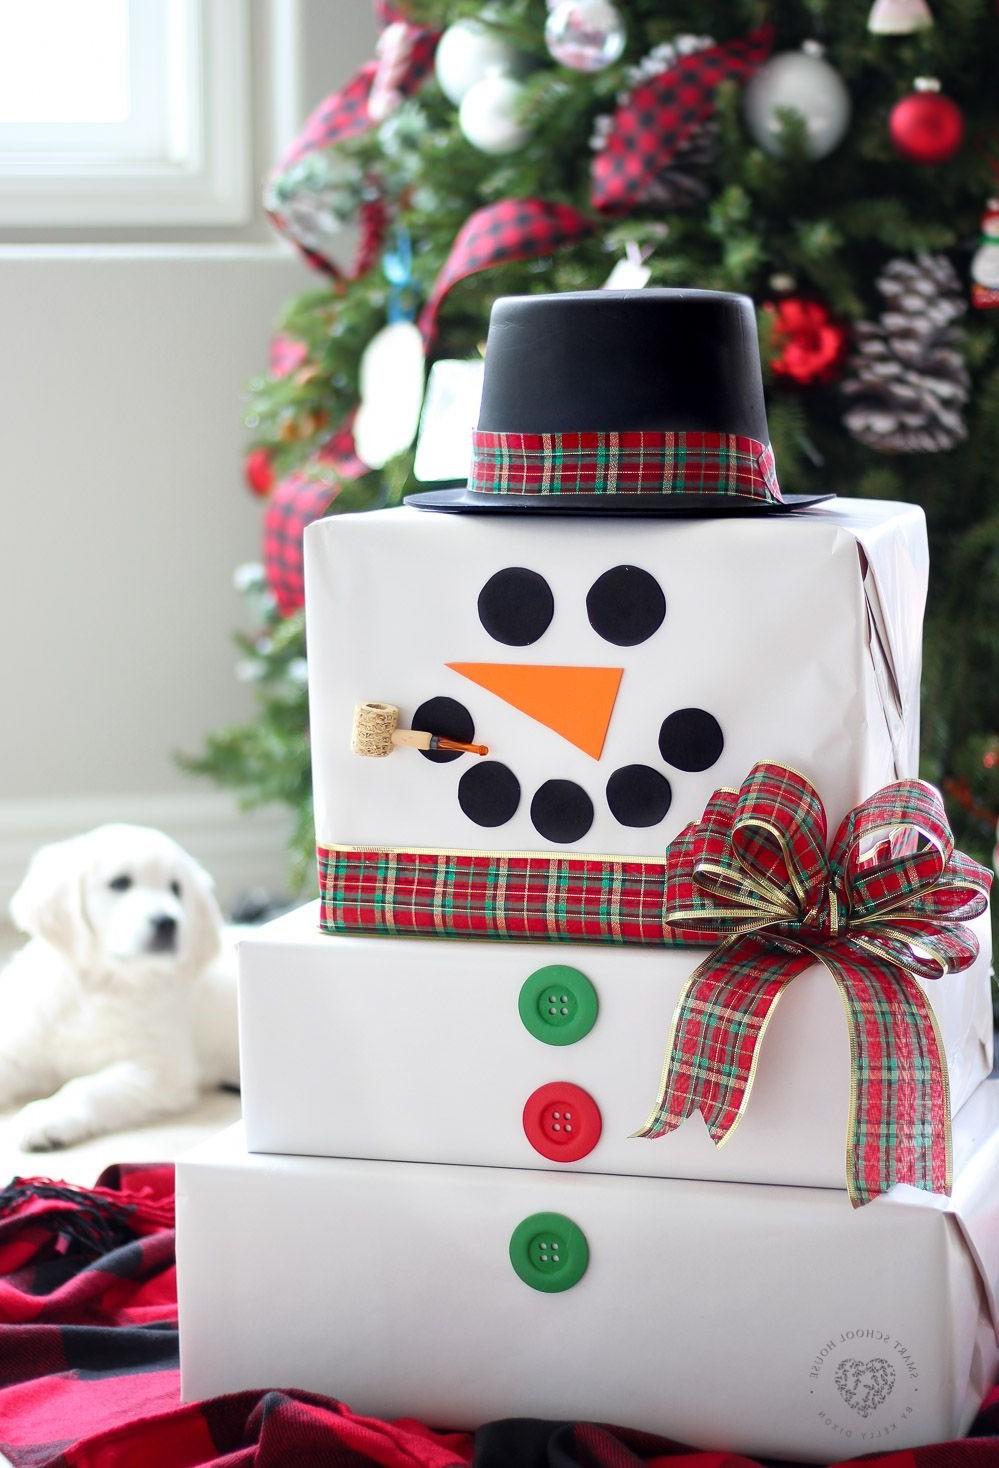 Comment faire un paquet cadeau original? Fabriquez ce bonhomme de neige en carton!